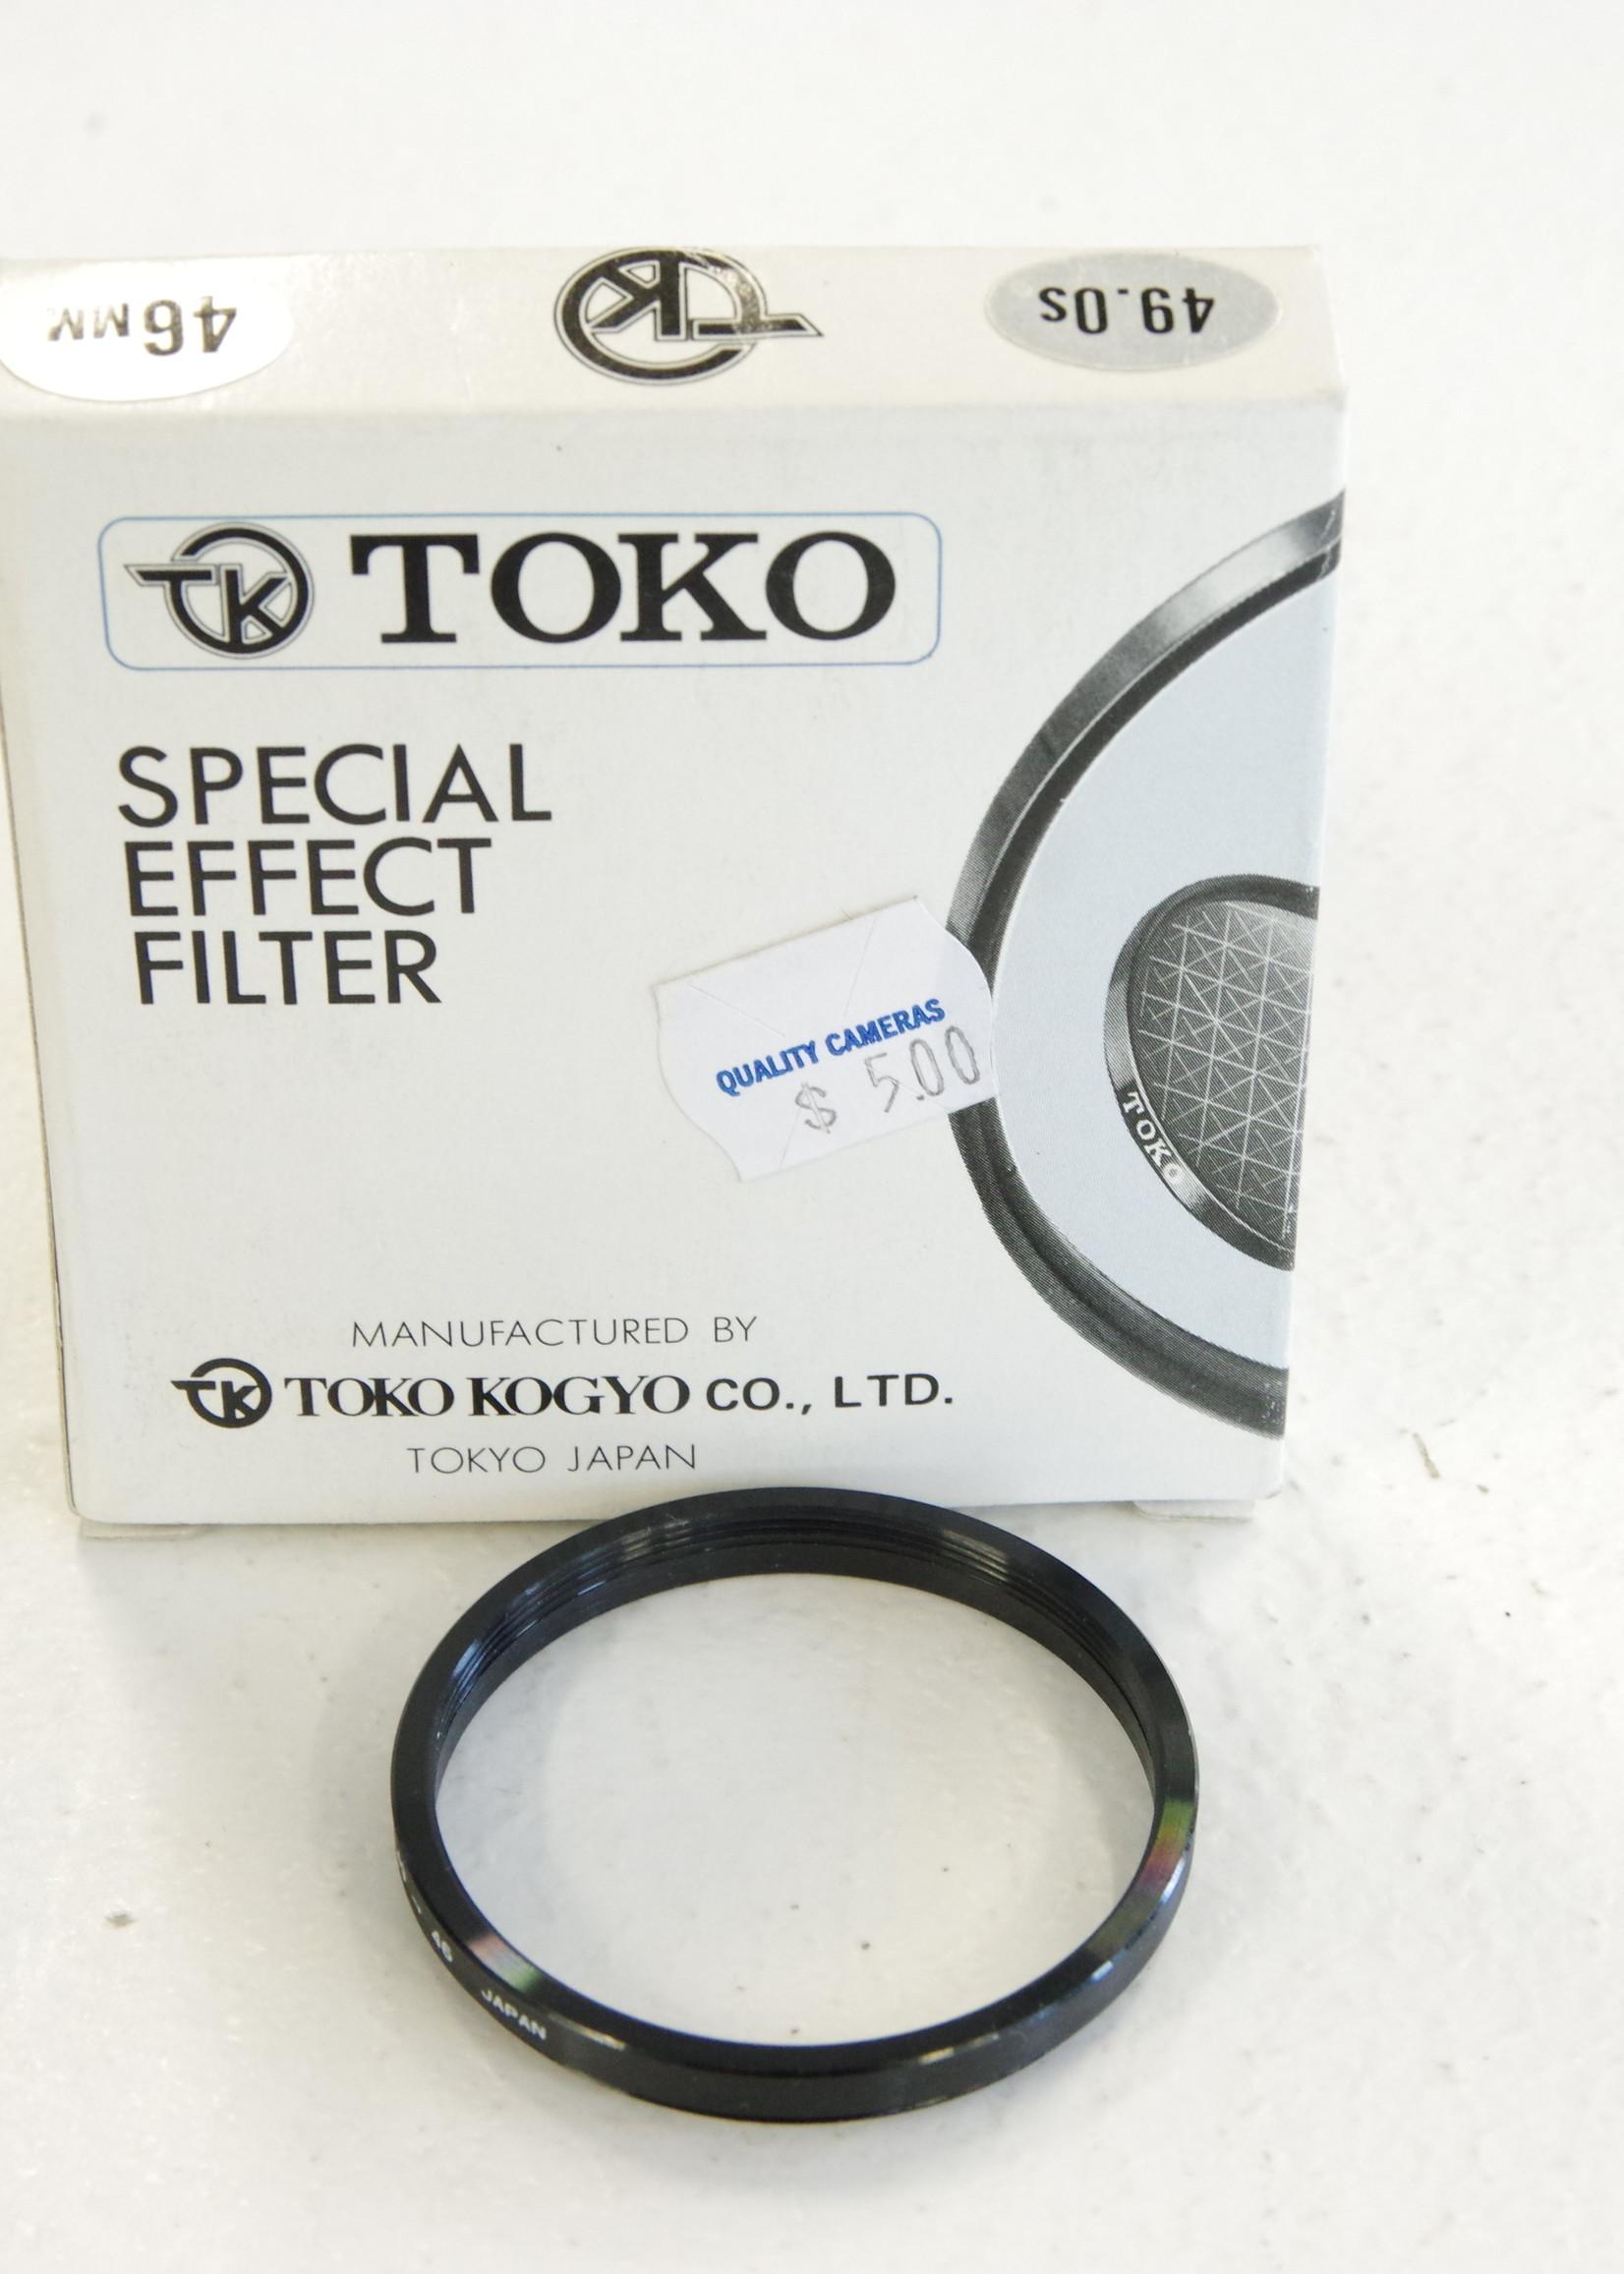 TOKO Toko 49-46mm Step Down Ring